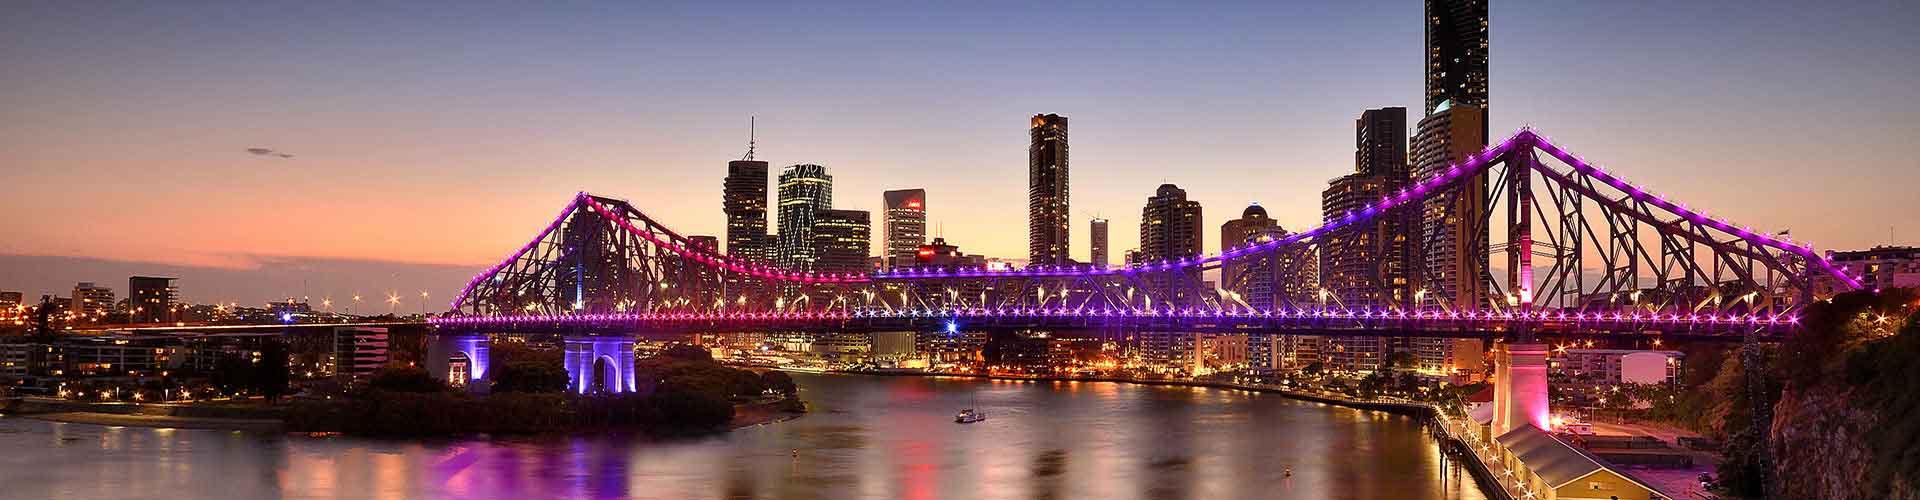 Brisbane – Retkeily kaupungiosassa Kaakkoinen ulko-Brisbane. Brisbane -karttoja, valokuvia ja arvosteluja kaikista Brisbane -retkeilyalueista.